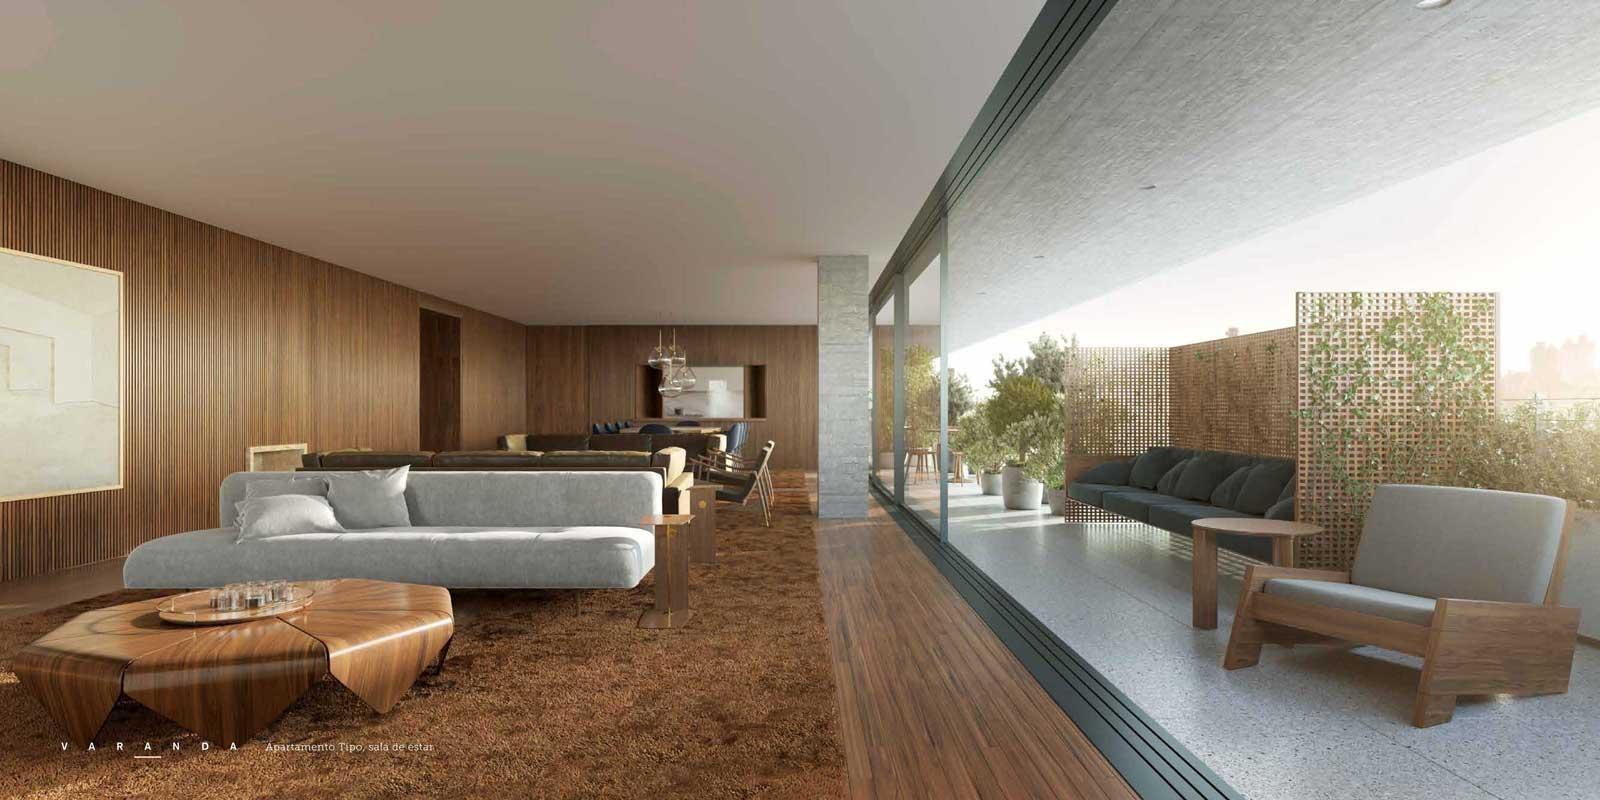 TPS Imóveis - Veja Foto 15 de 40 do Apartamento com 3 Suites no bairro Petrópolis, Porto Alegre